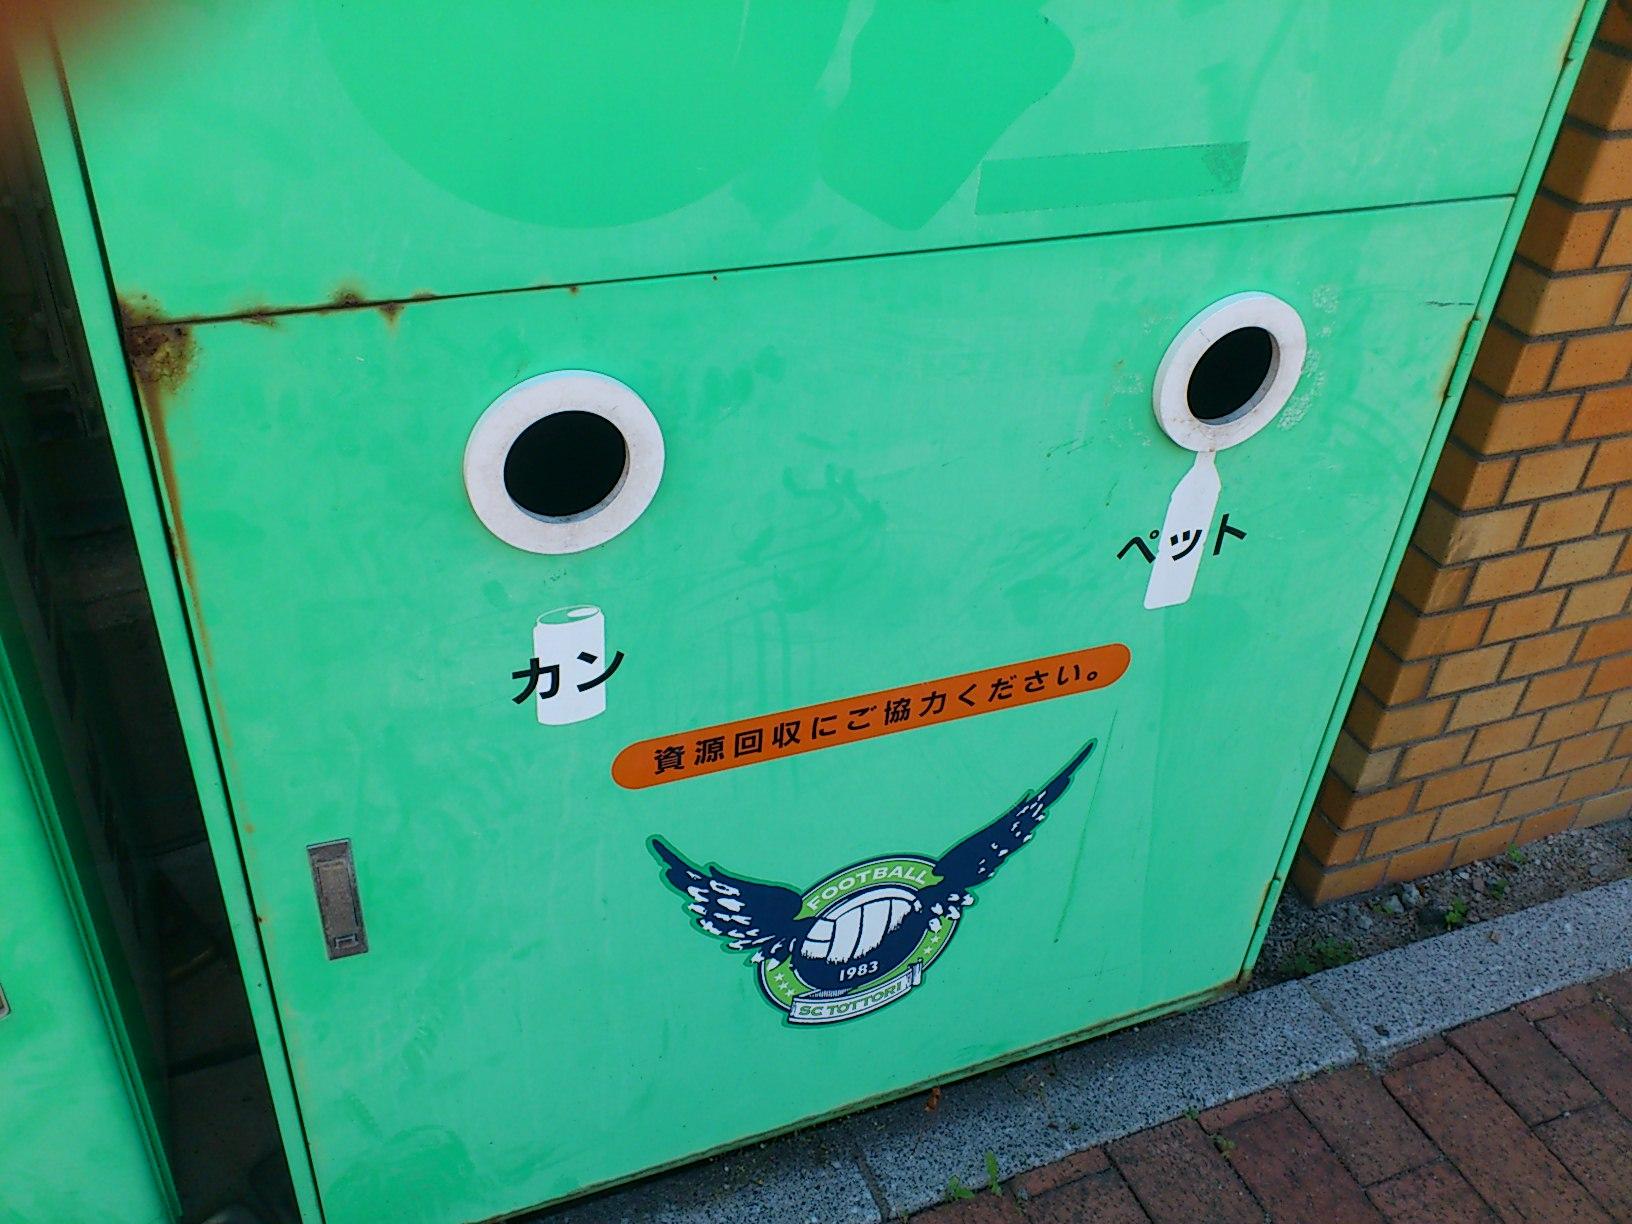 米子駅前で見かけたゴミ箱